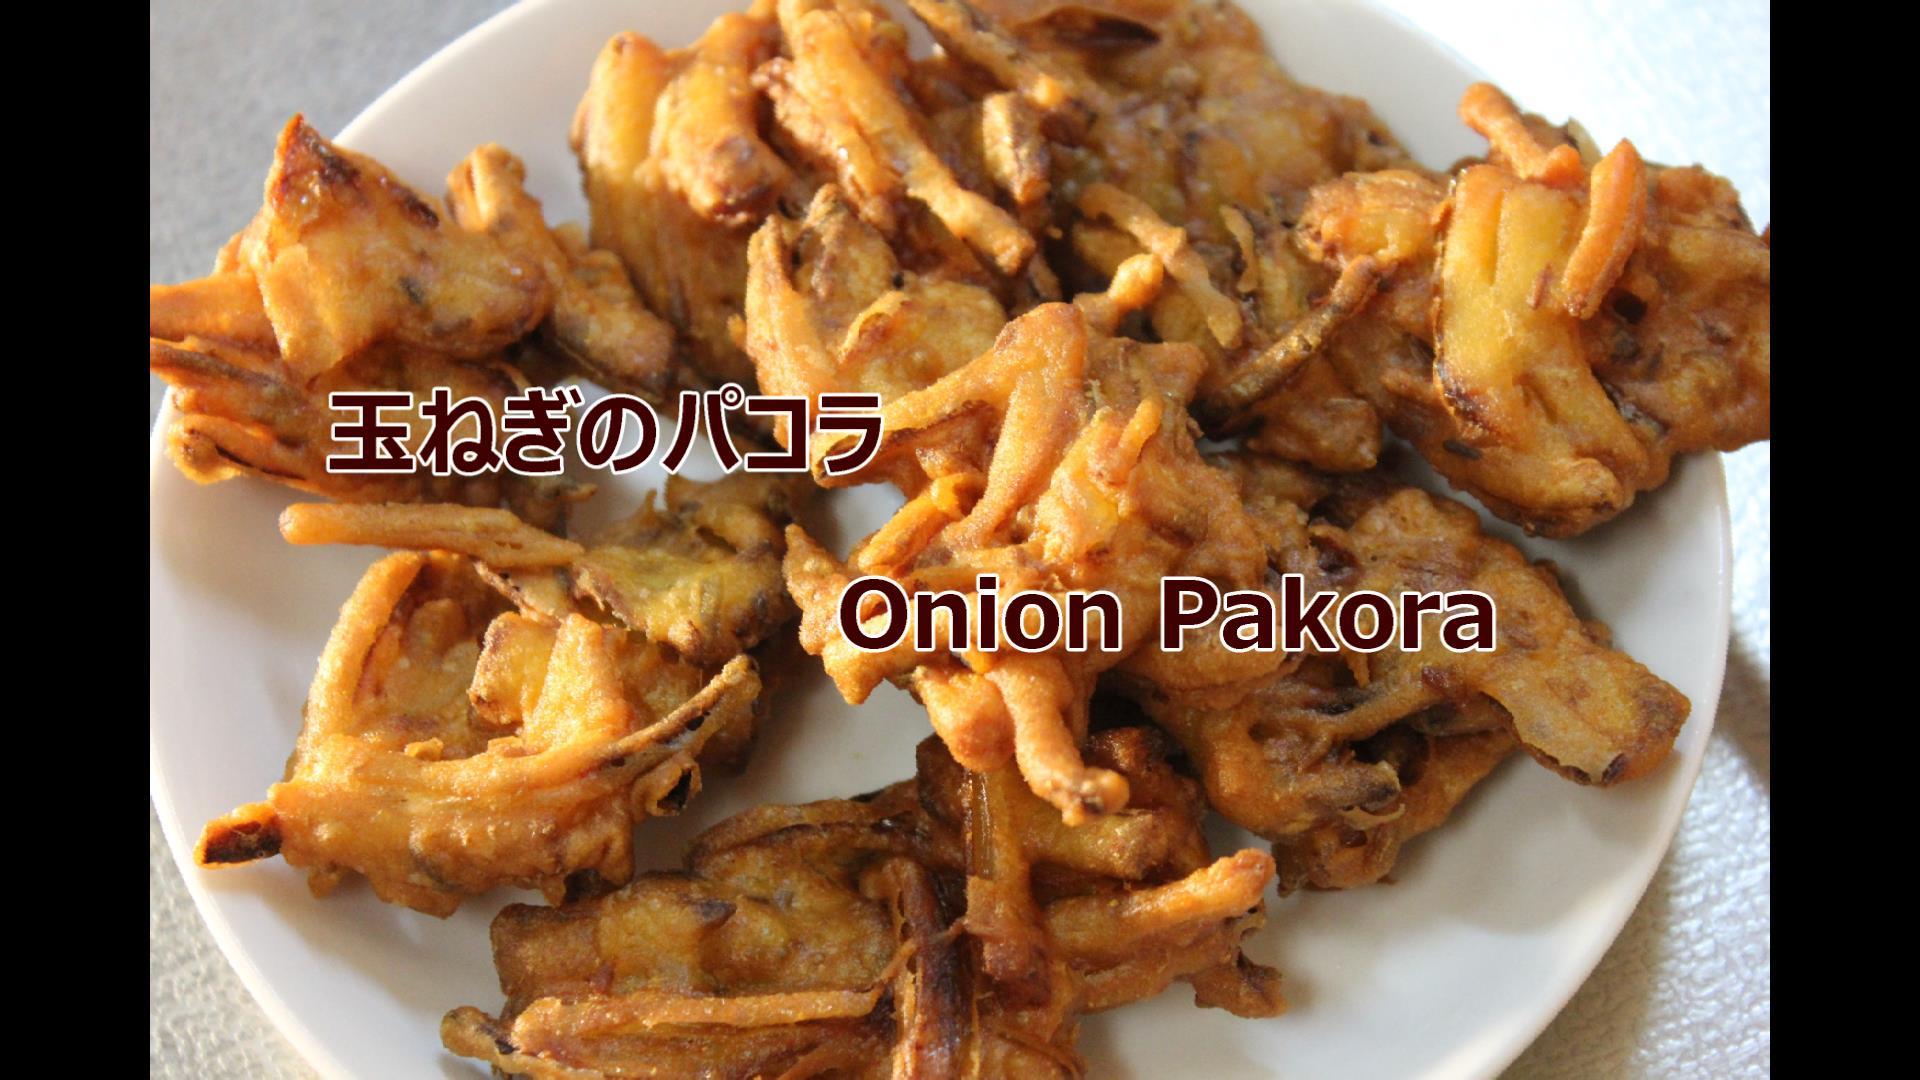 玉ねぎのパコラののレシピ